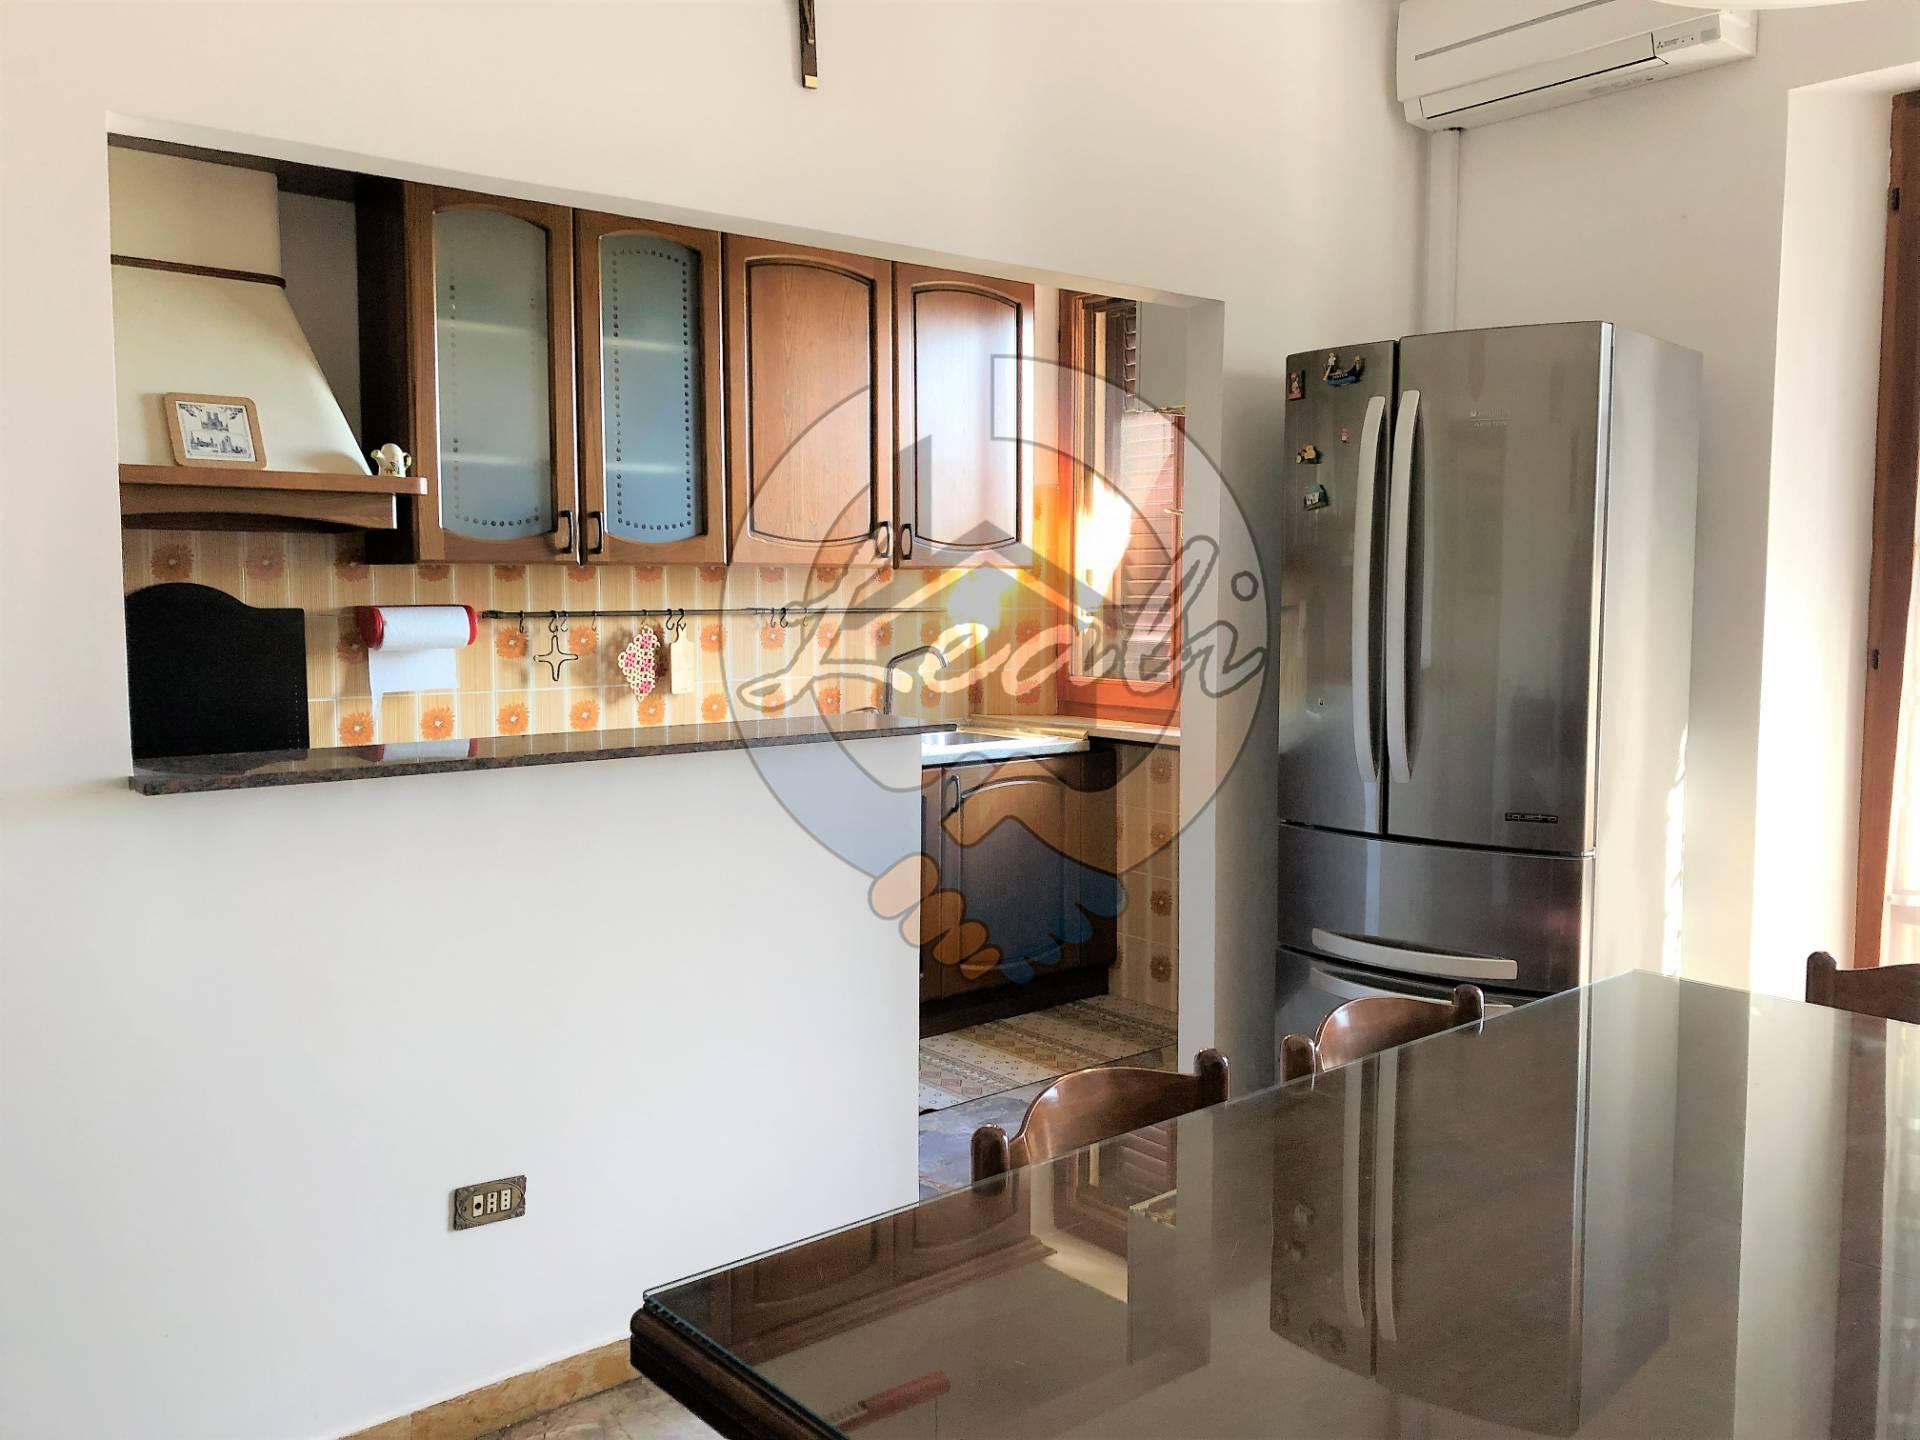 Appartamento in vendita a Pollenza, 5 locali, prezzo € 89.000 | CambioCasa.it